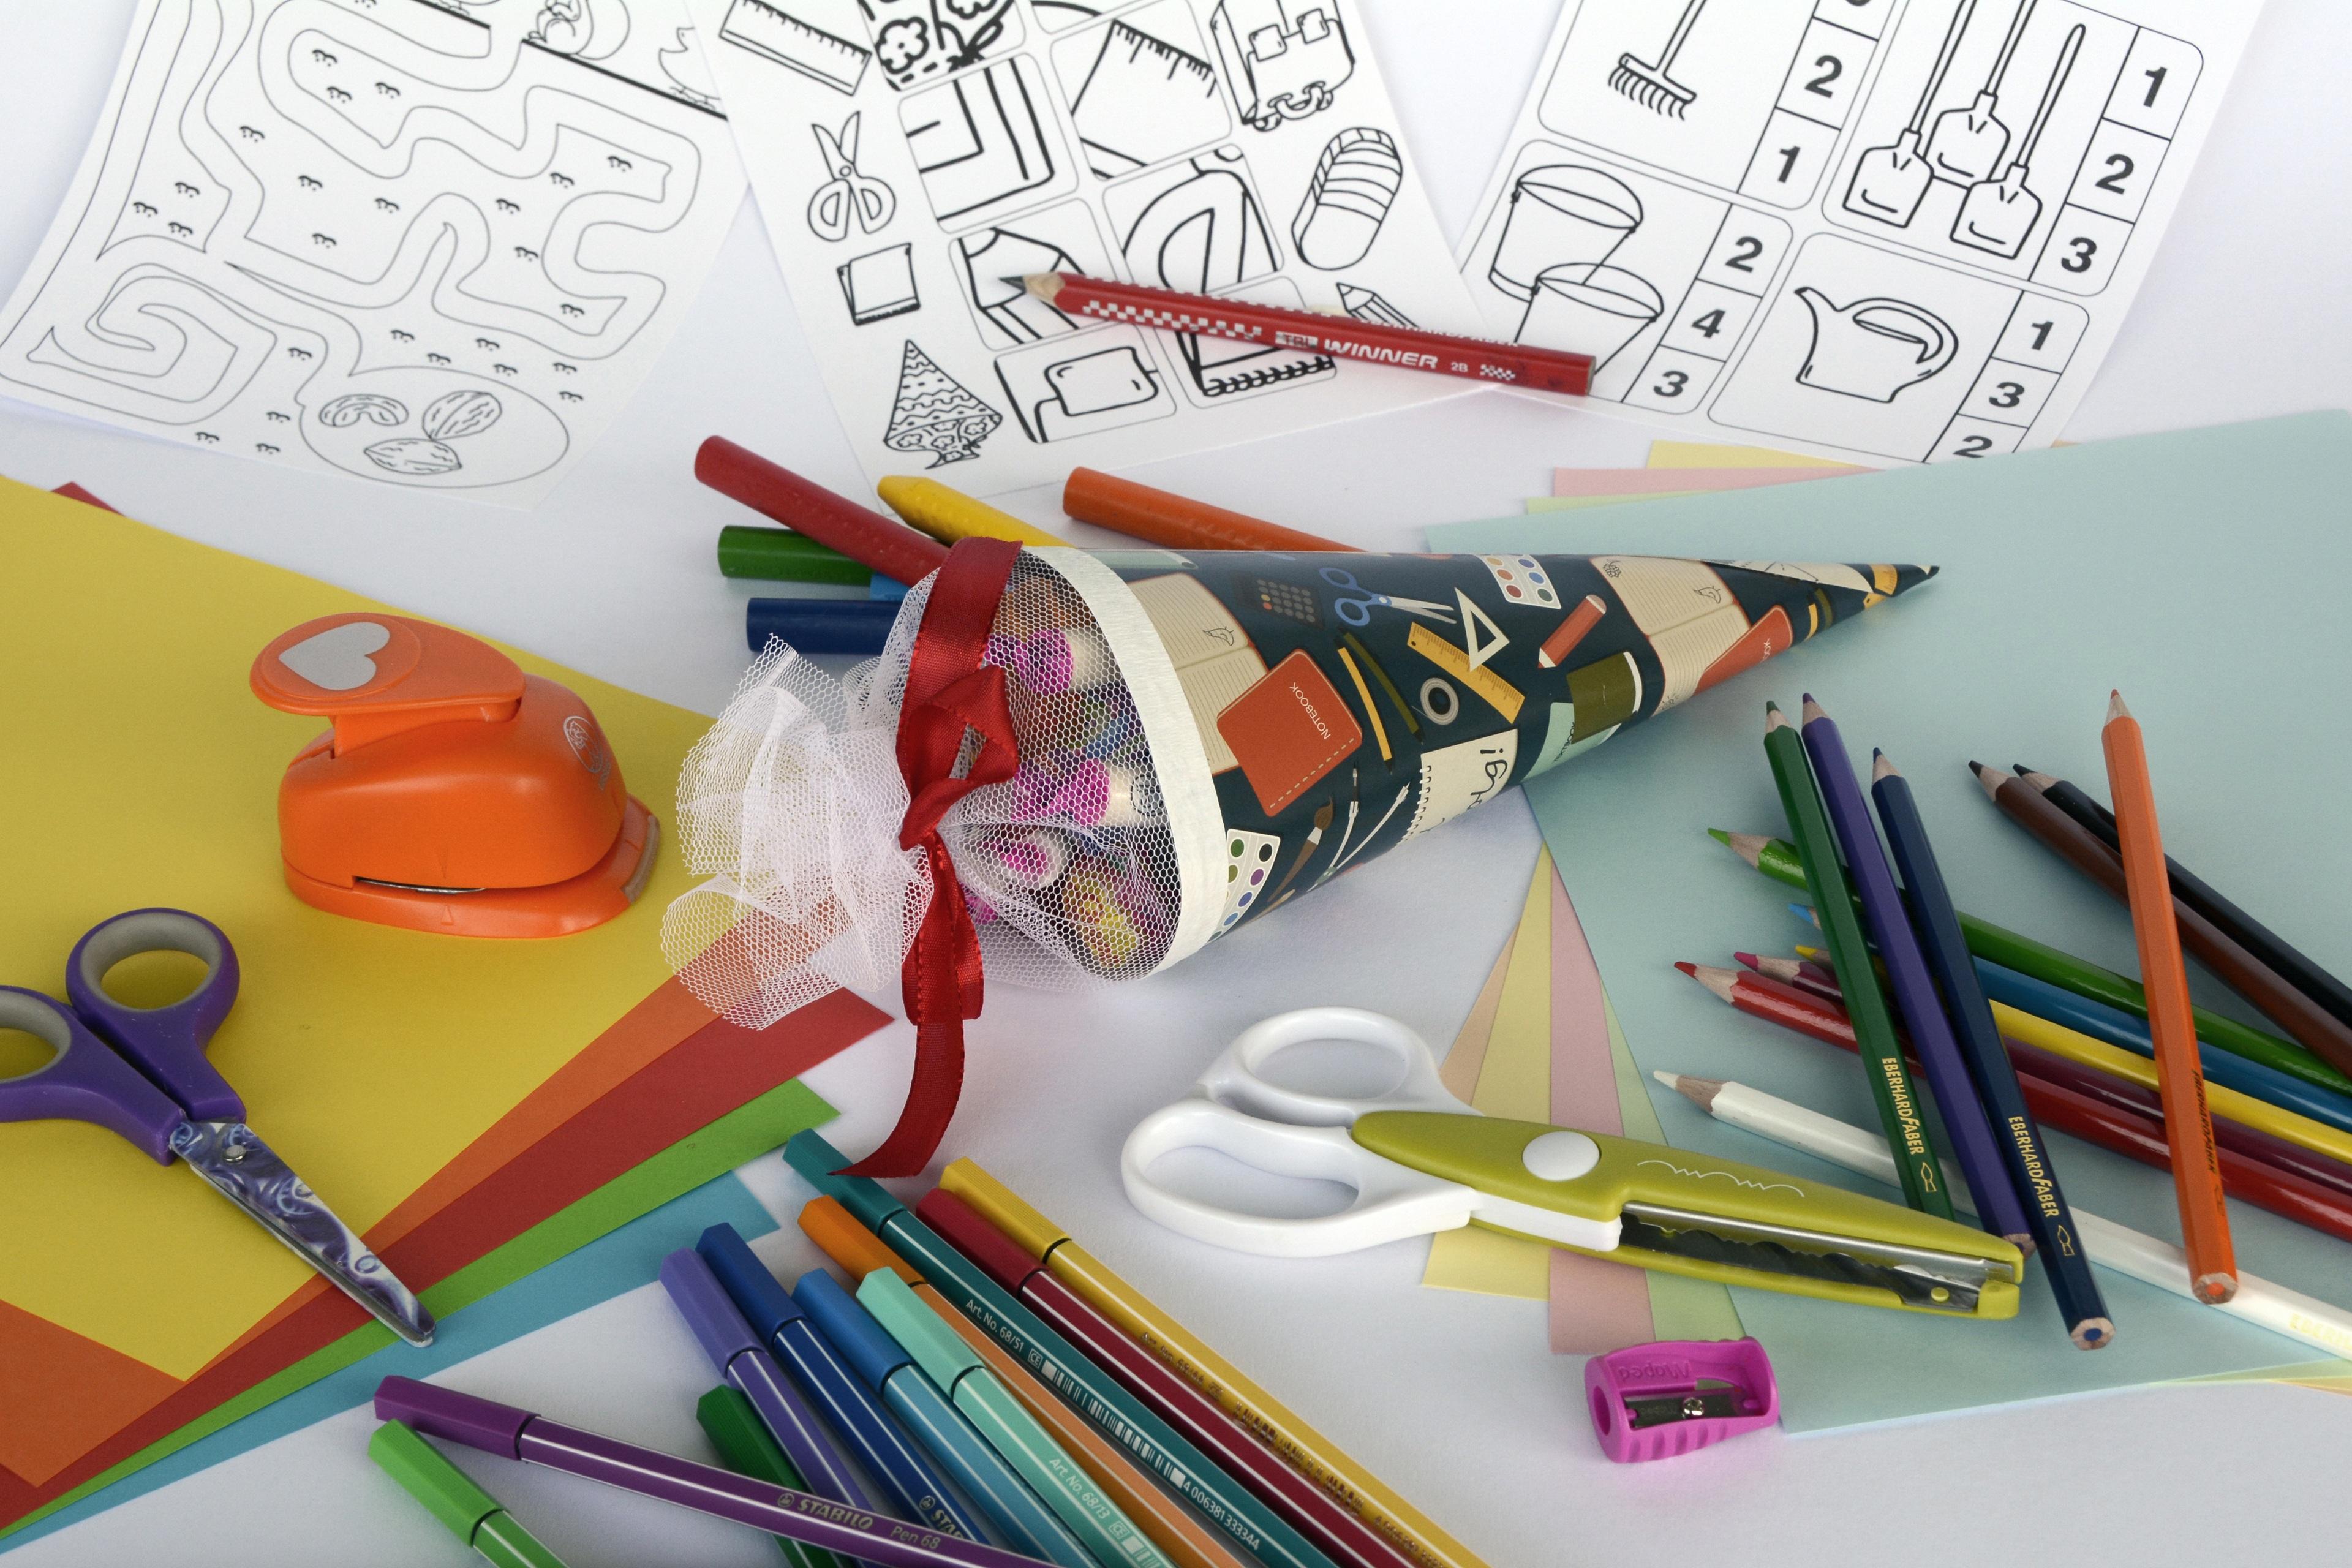 Images Gratuites Crayon Couleur Entrainement Peindre Colore Papier Education Couper Art Craie Illustration Des Stylos Bonbons Papeterie Ecole Dessiner Surprise Pointu Les Ciseaux Coupon Bricoler Crayons De Couleur Crayons De